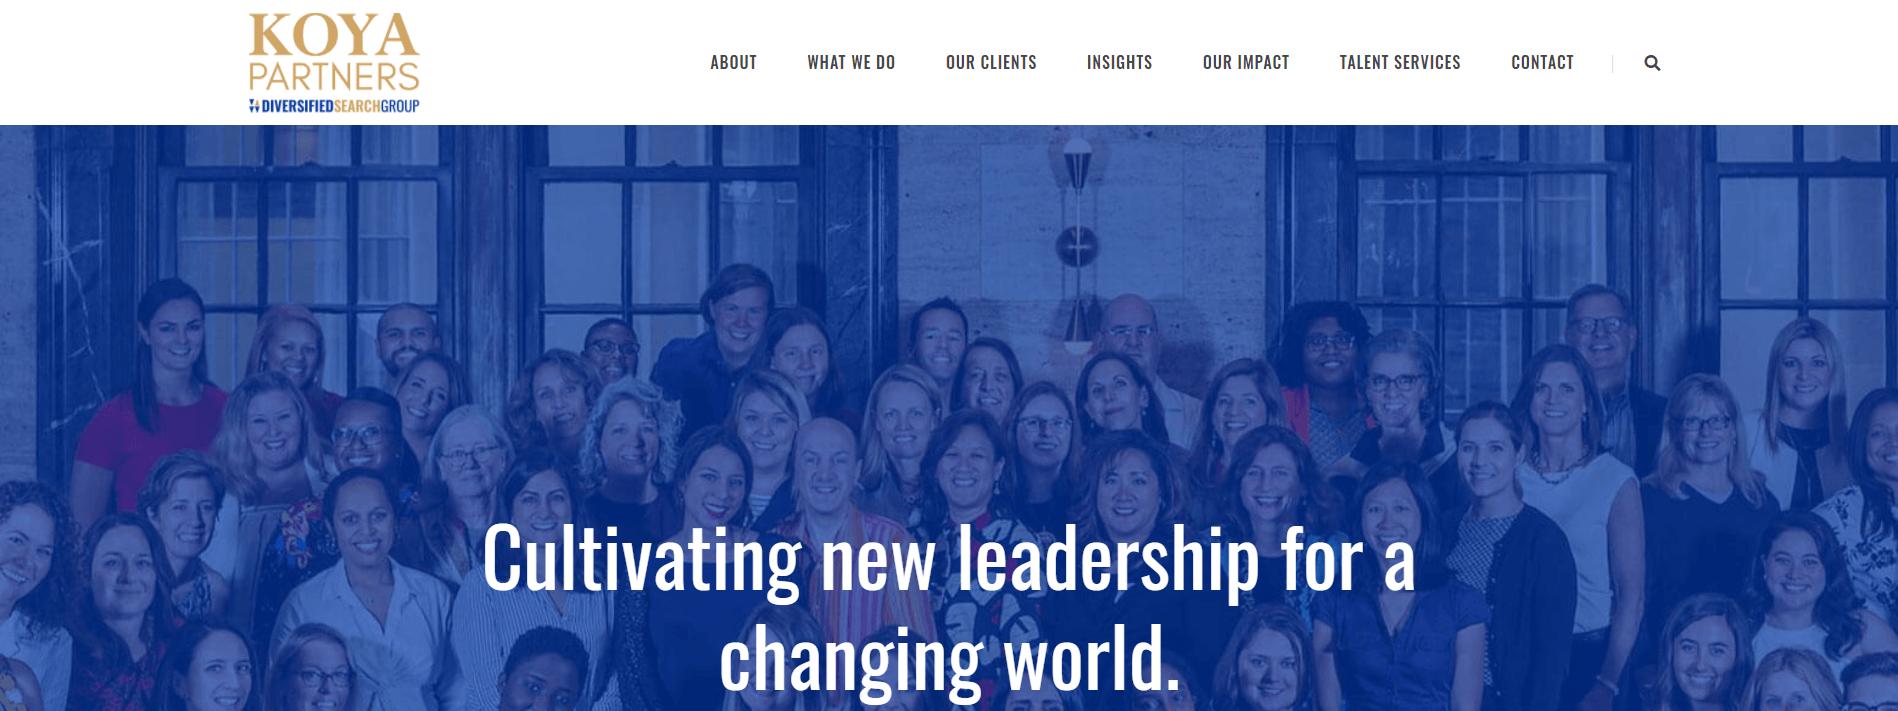 Koya partners home page